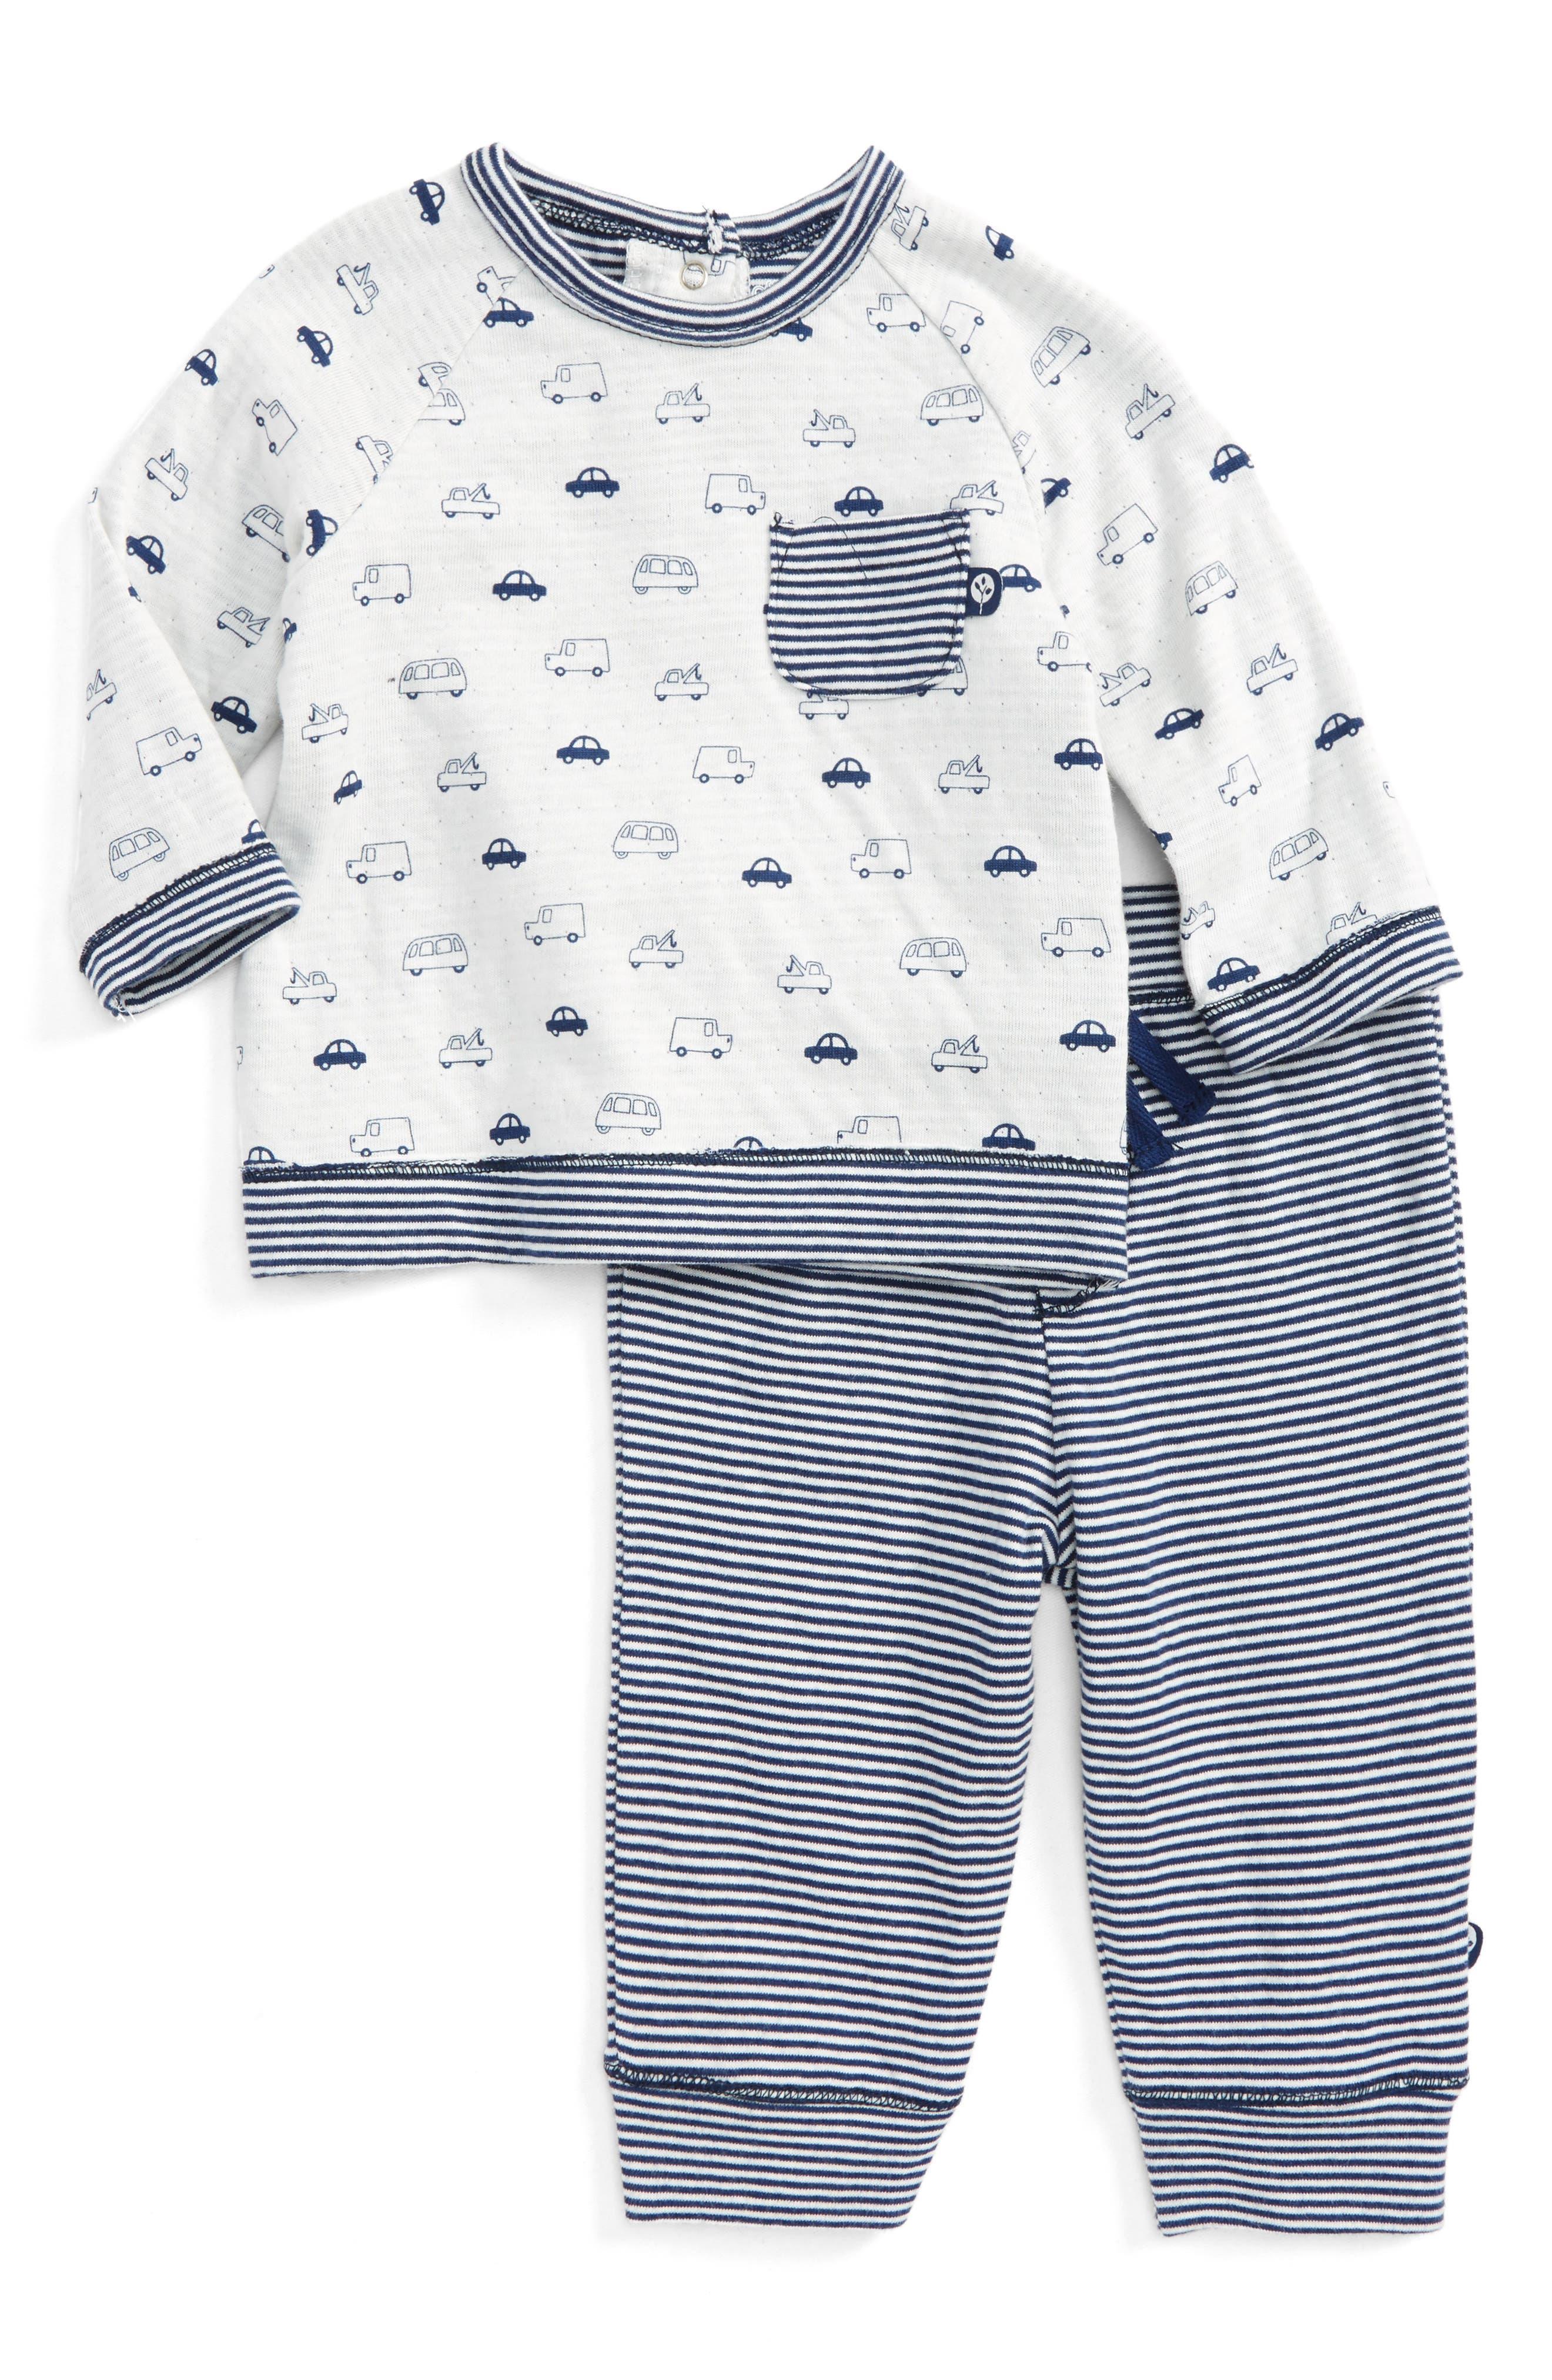 Main Image - Offspring Traffic Circles Sweatshirt & Pants Set (Baby Boys)